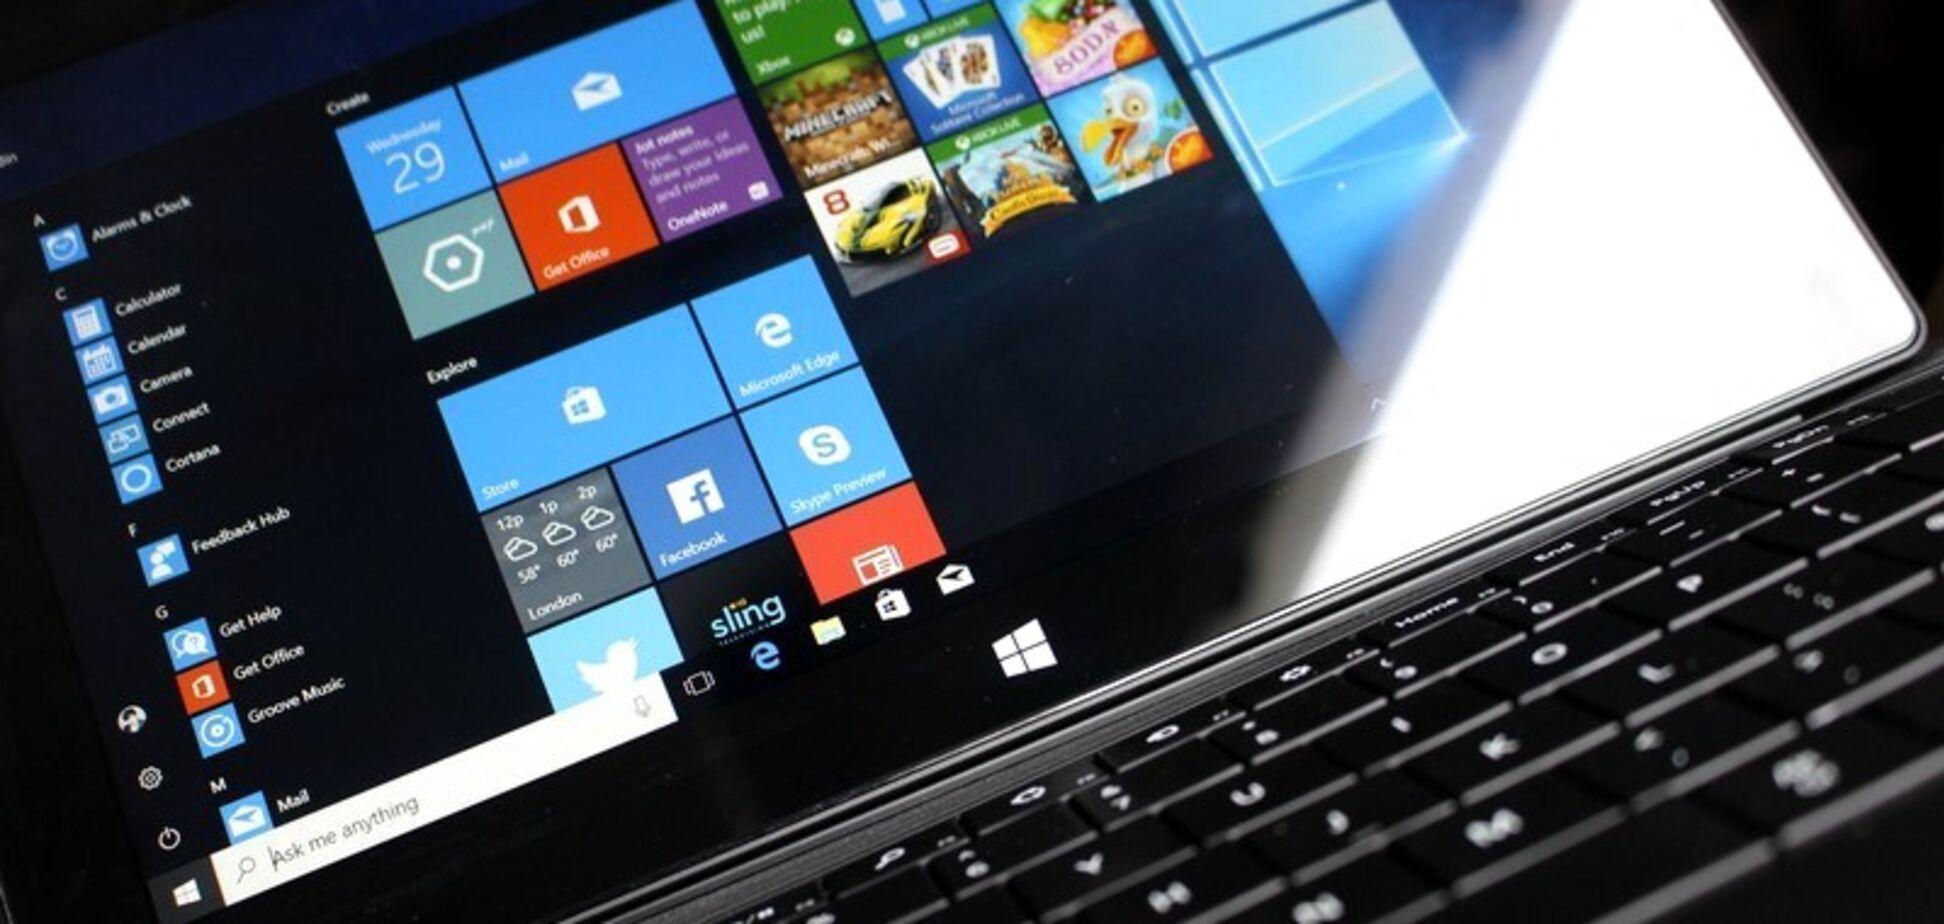 Хакеры взломали 'неприступную' защиту Windows 10